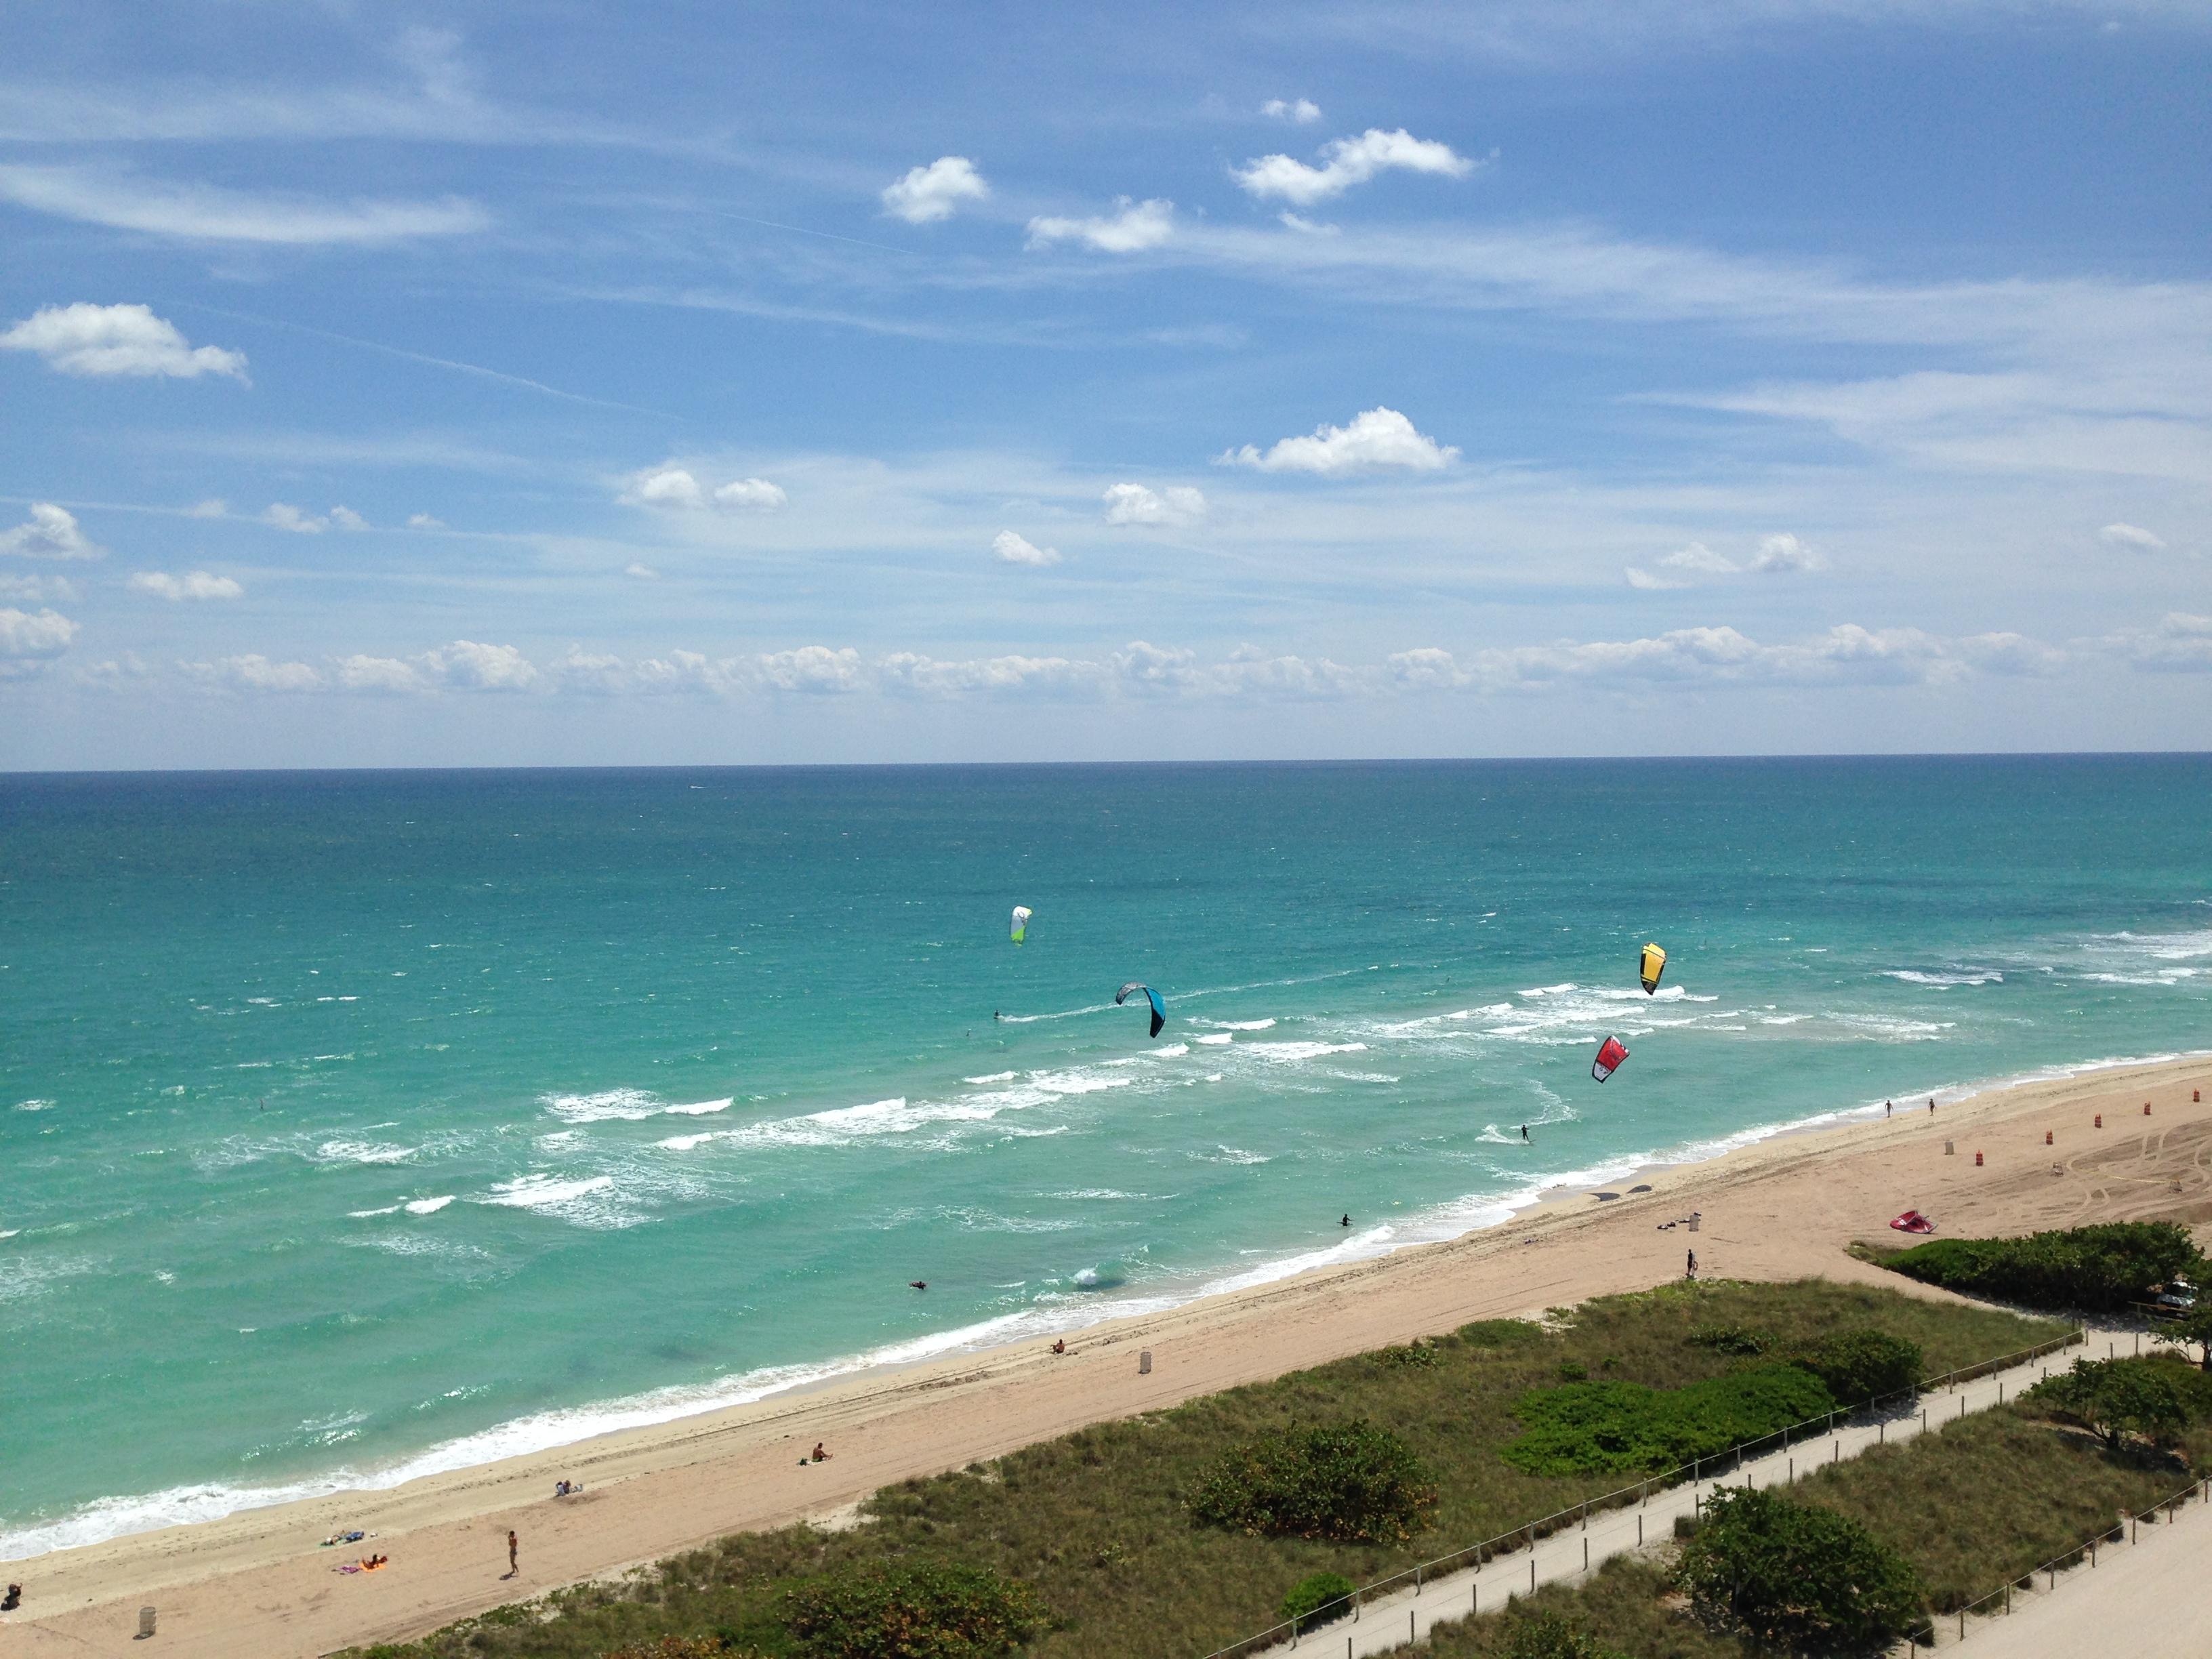 Weekend Getaways in Florida to Take This Fall - trekbible